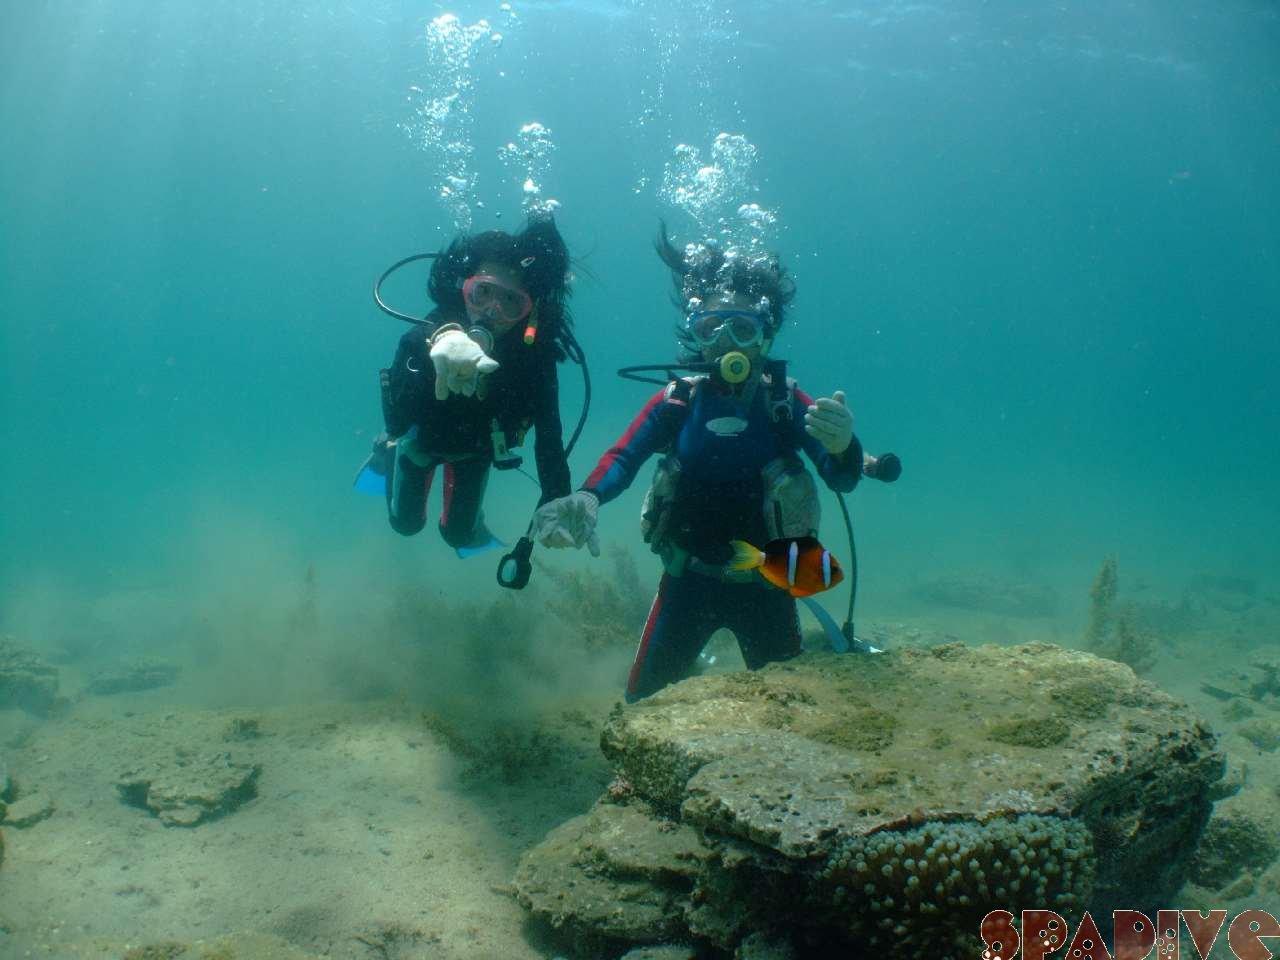 2008年8月撮影海フォトギャラリー 南紀白浜スパダイブ